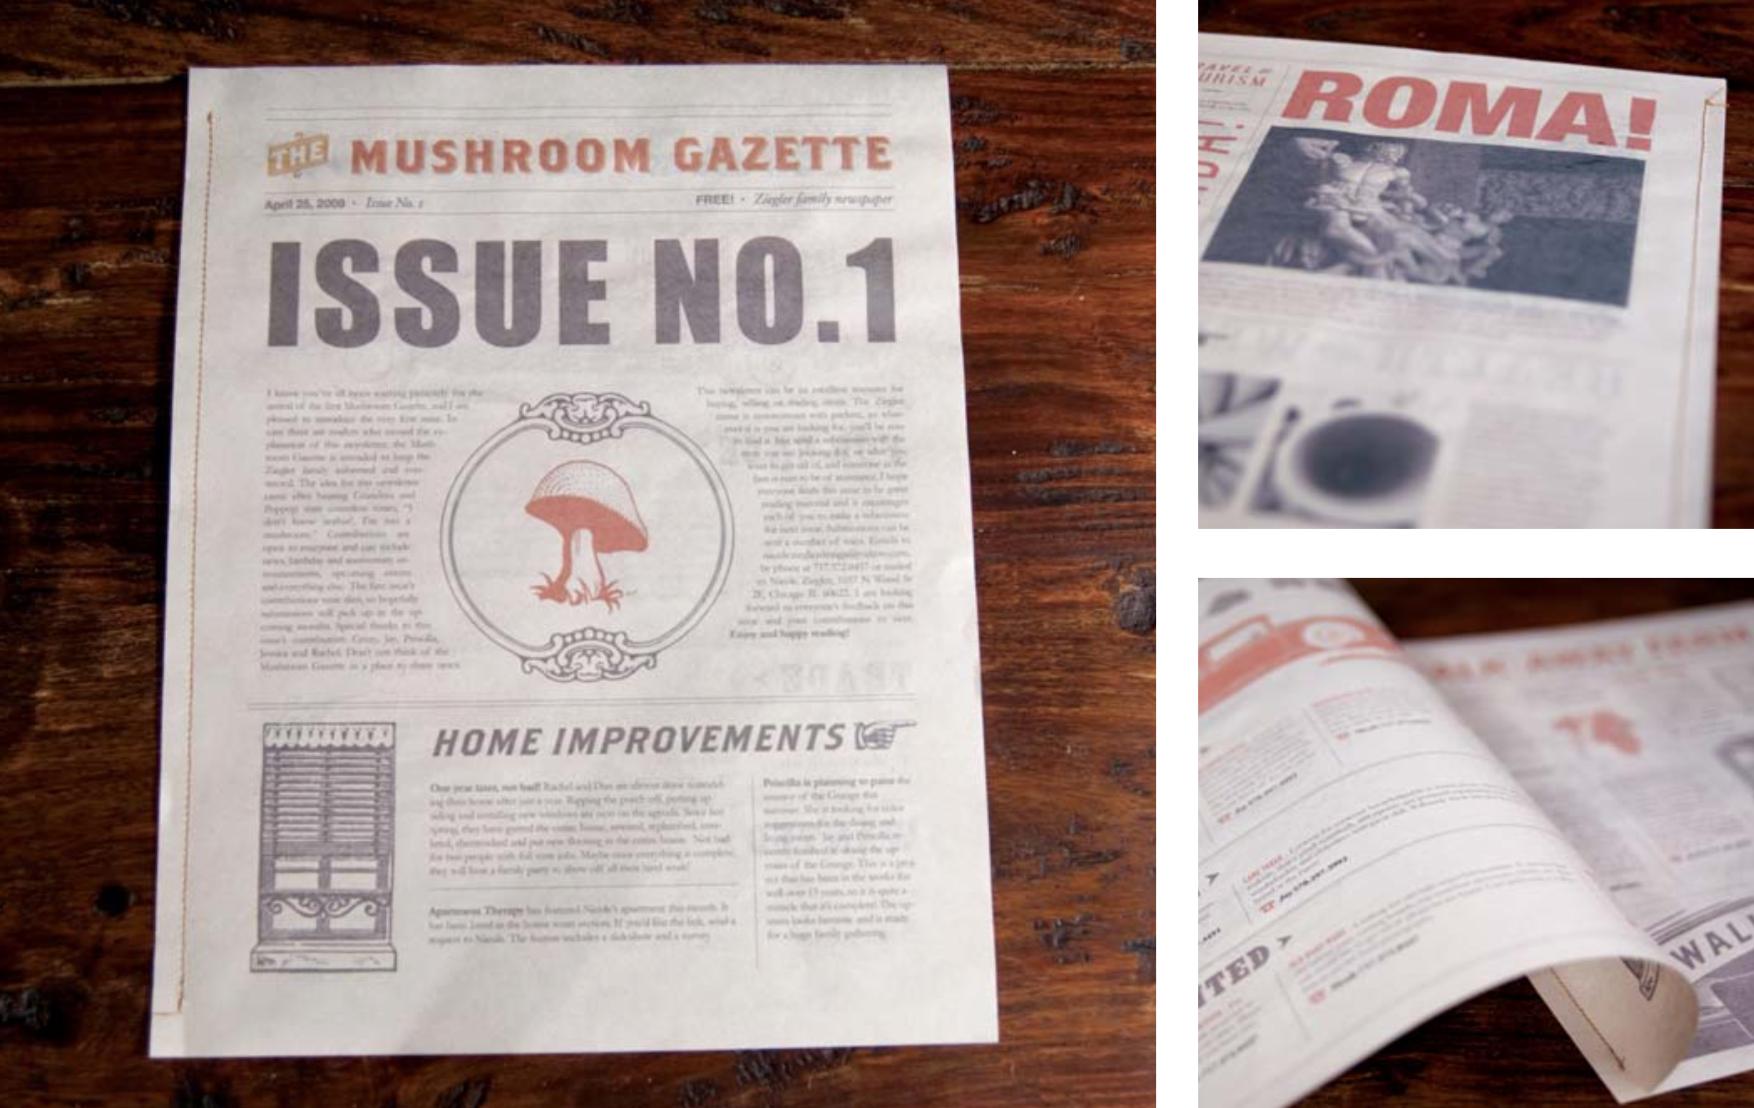 The Mushroom Gazette, the family newsletter for the Ziegler family.